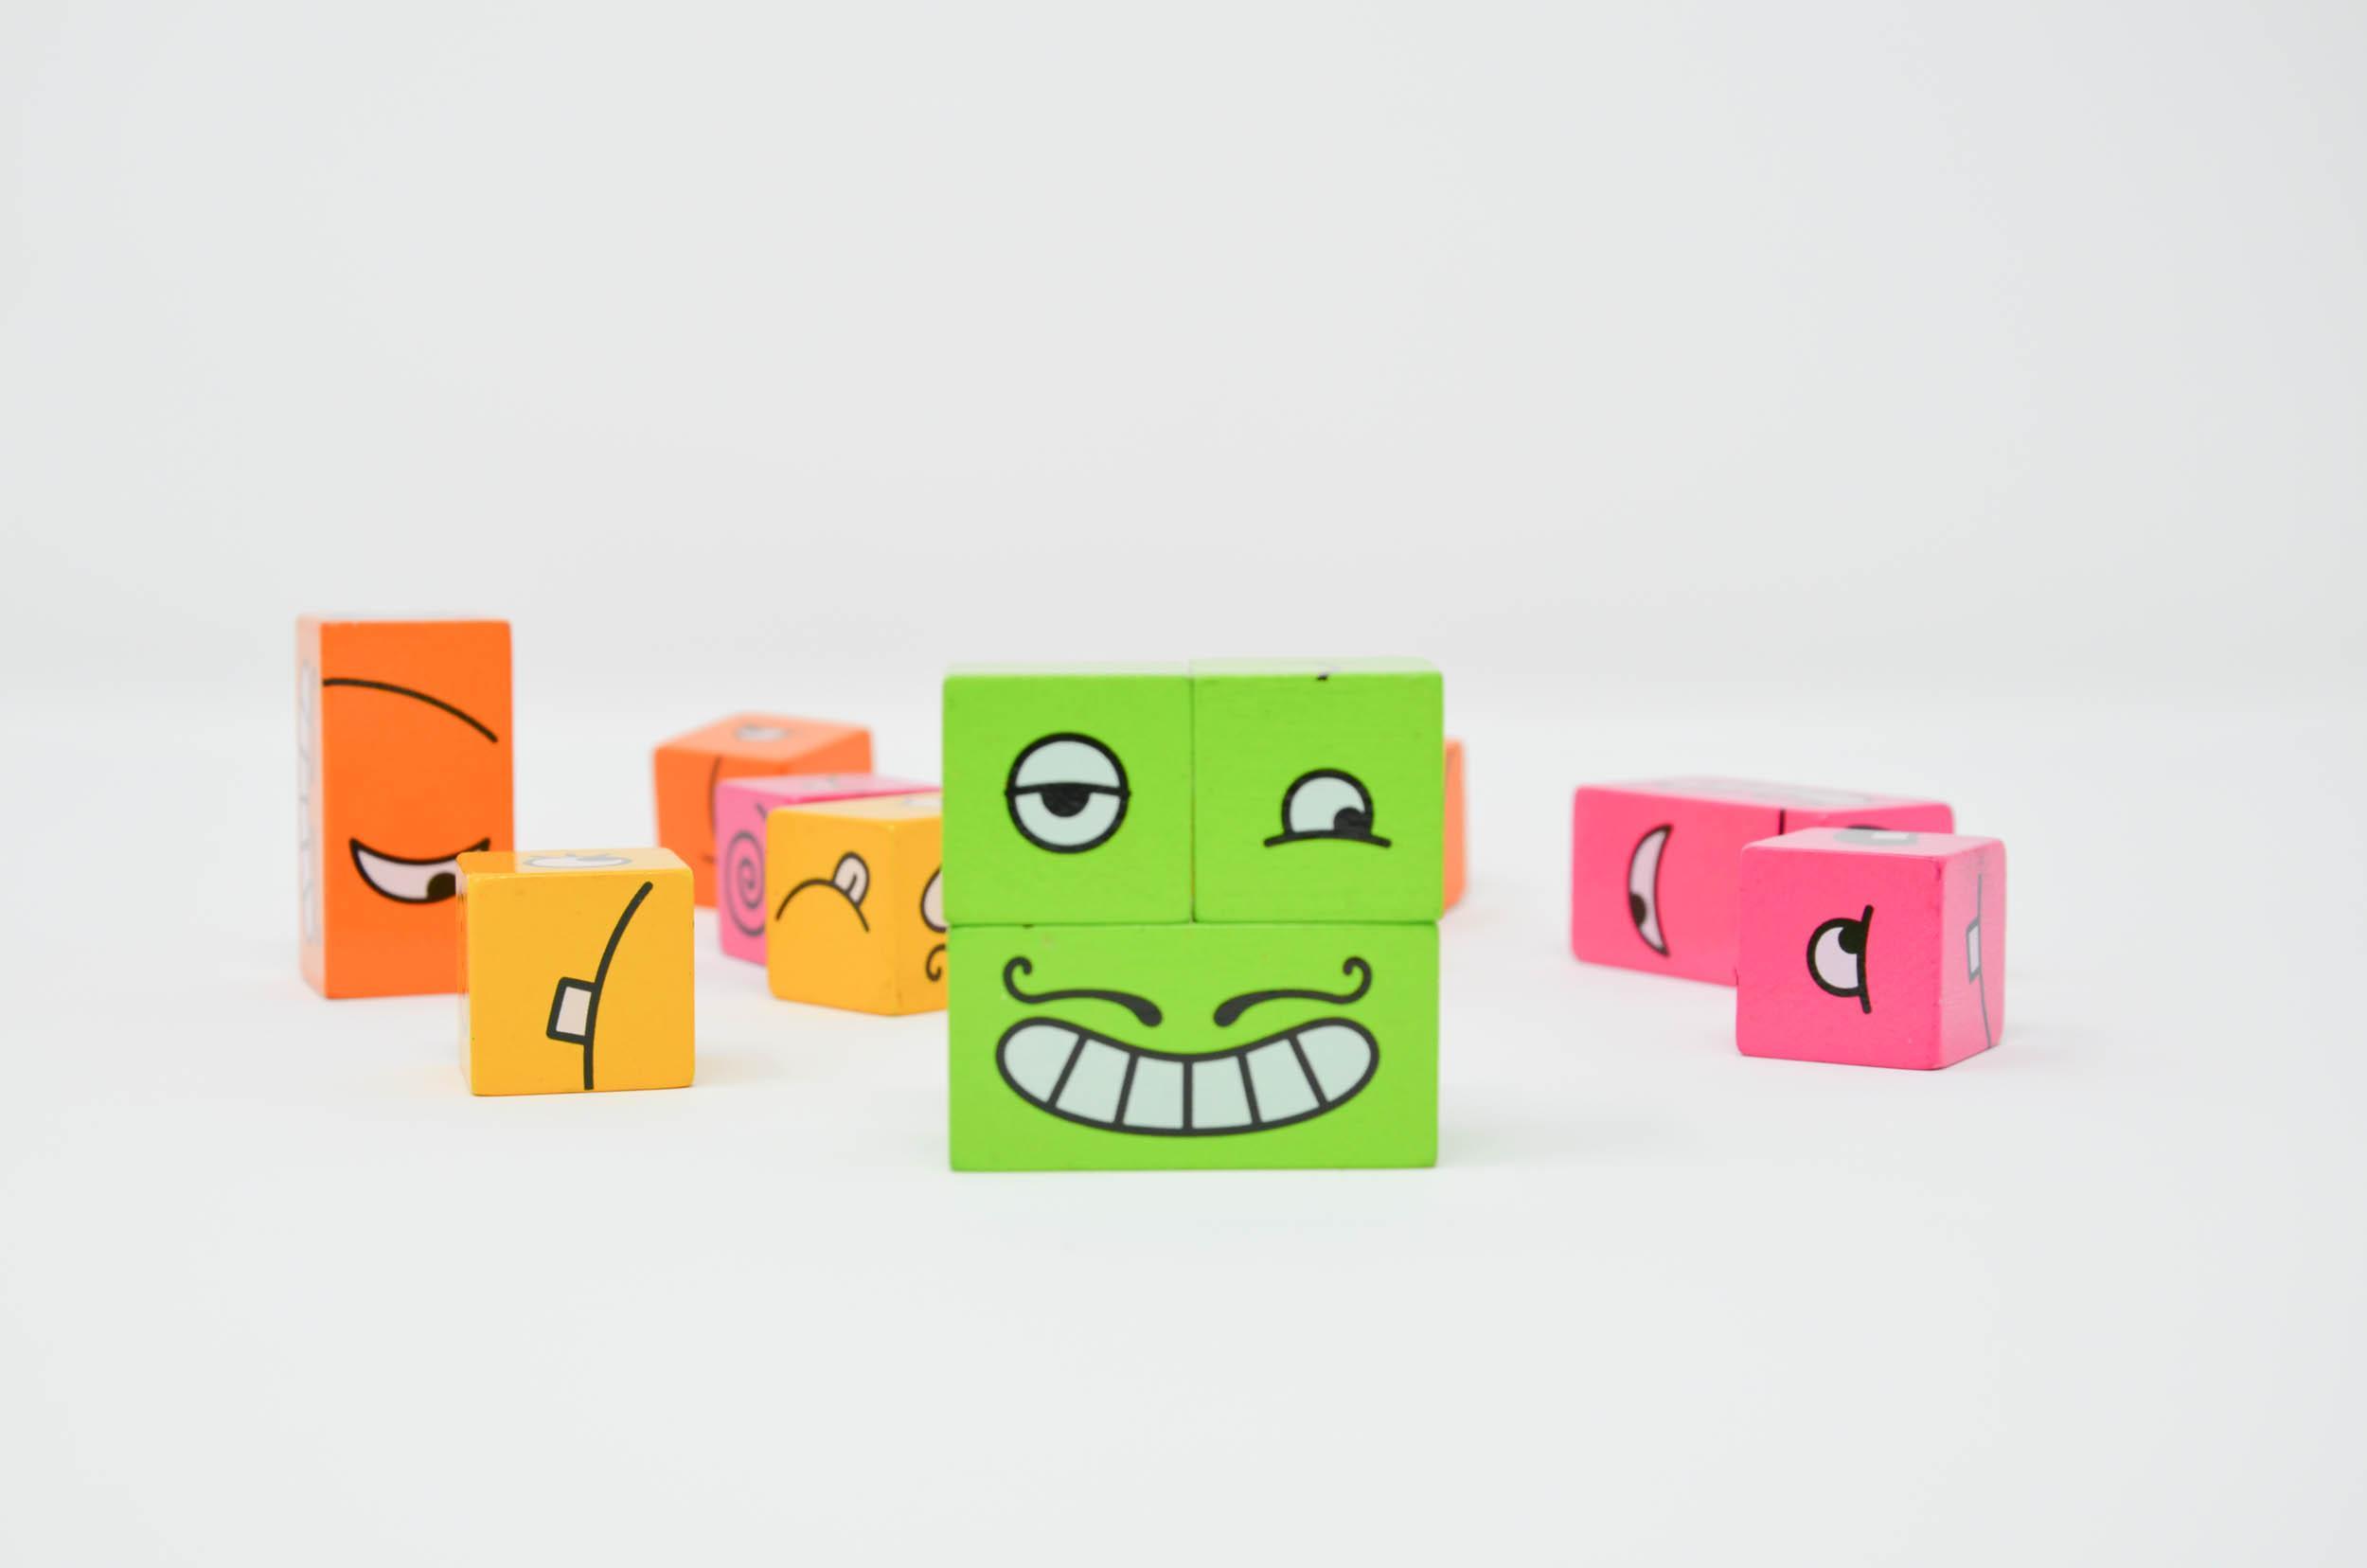 Cubeez components